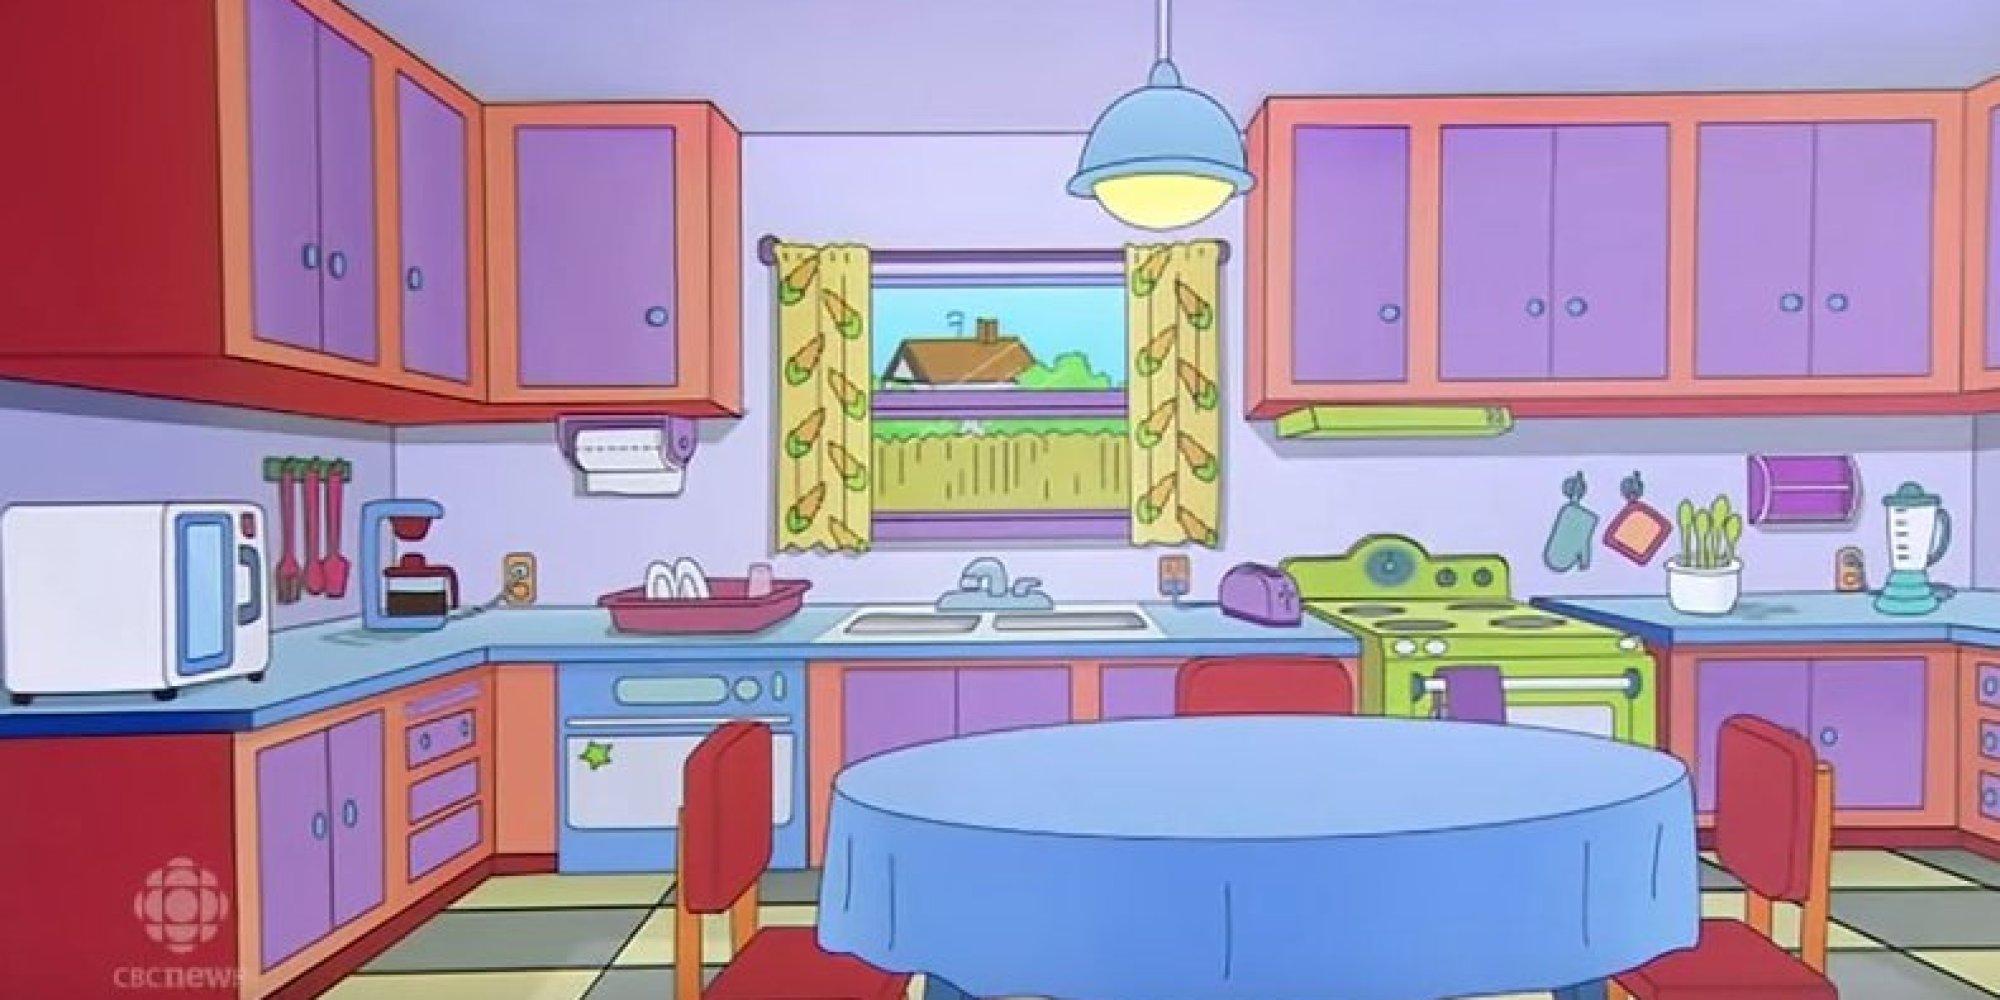 Vid o ils recr ent la cuisine des simpson en vrai dans for Salle a manger dessin anime